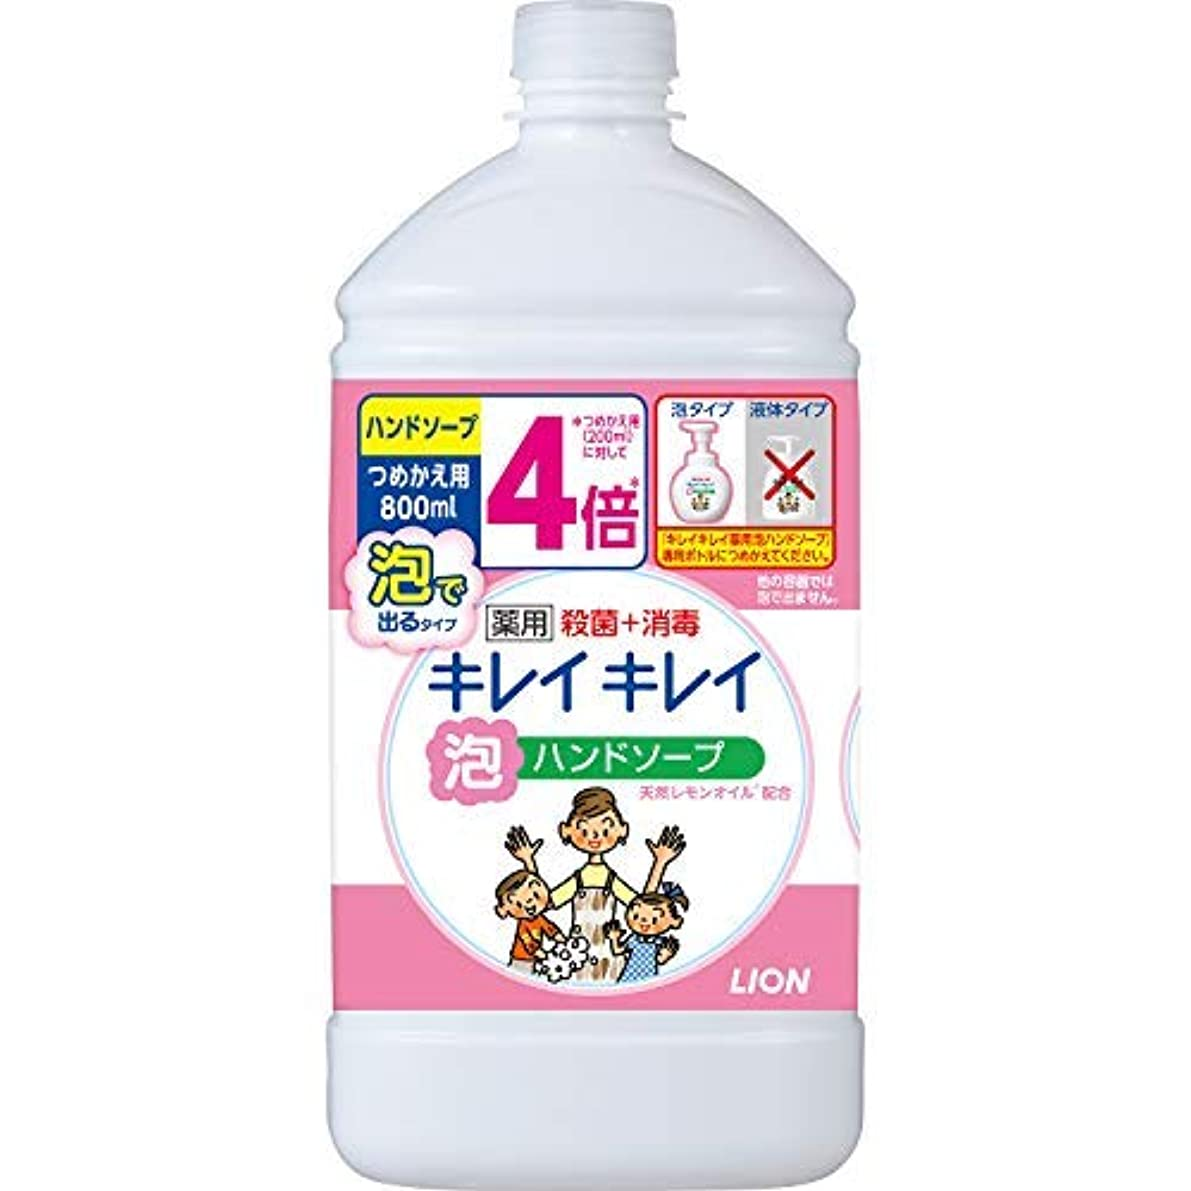 ホスト規制湿度キレイキレイ 薬用泡ハンドソープ つめかえ用特大サイズ シトラスフルーティ × 4個セット